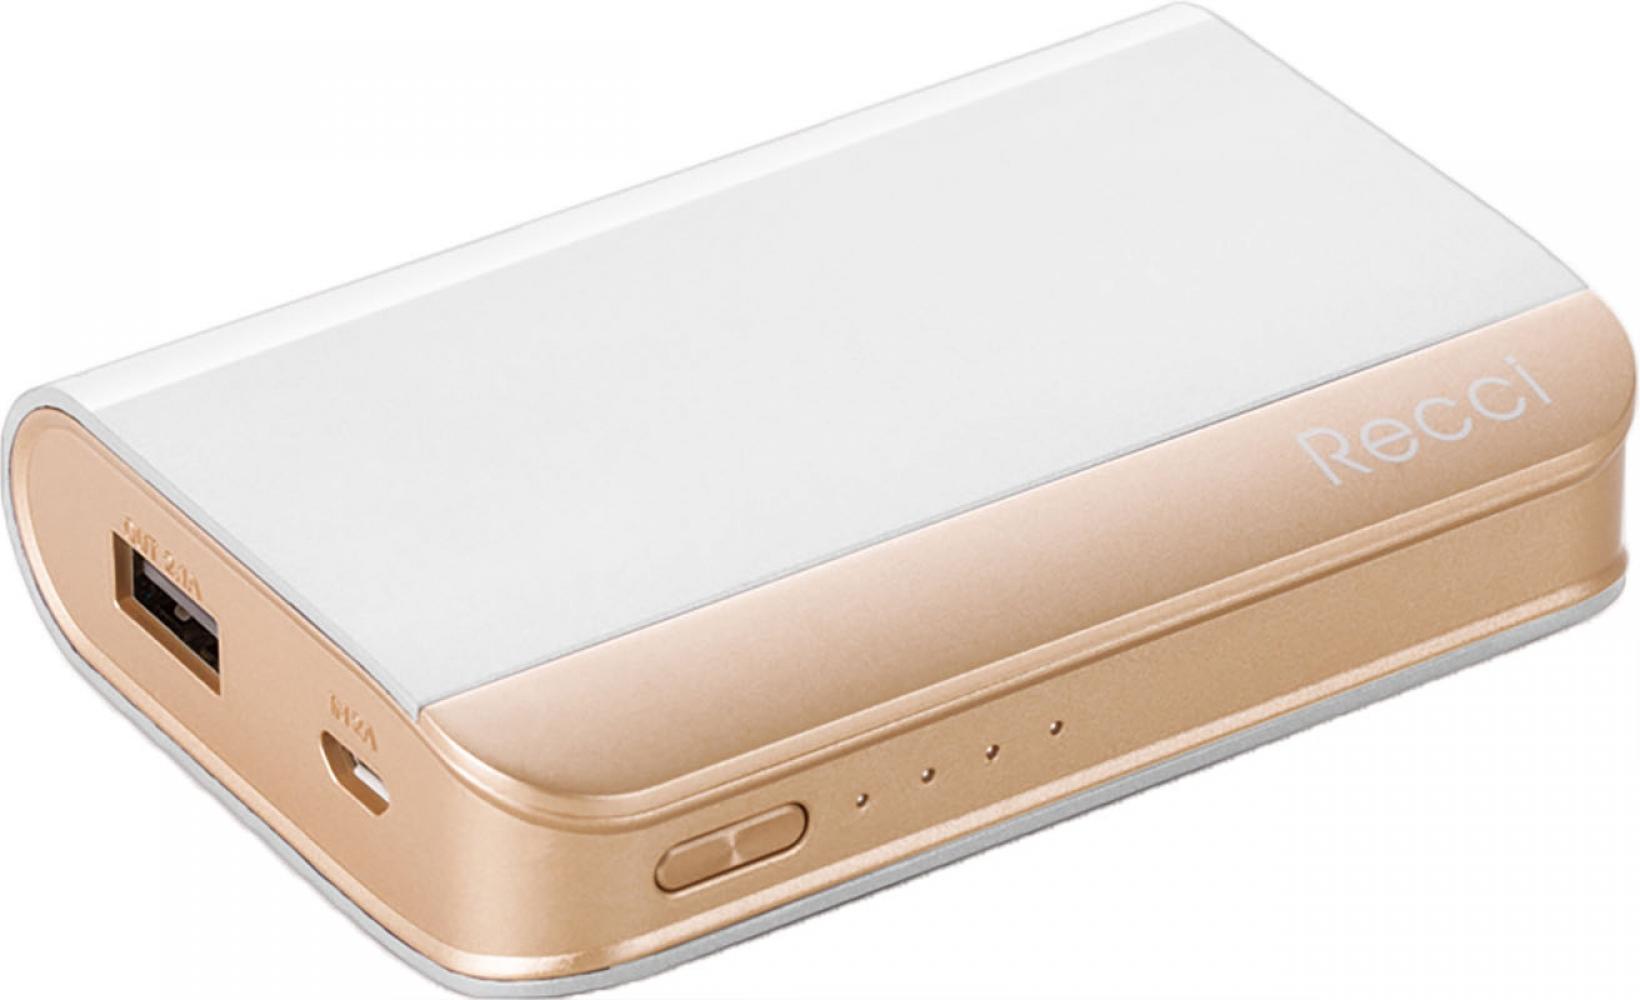 Купить Универсальные мобильные батареи, Портативная батарея Recci RE-7500 Elegant Power Bank Power IQ 2.1А Li-Pol 7500 mAh White